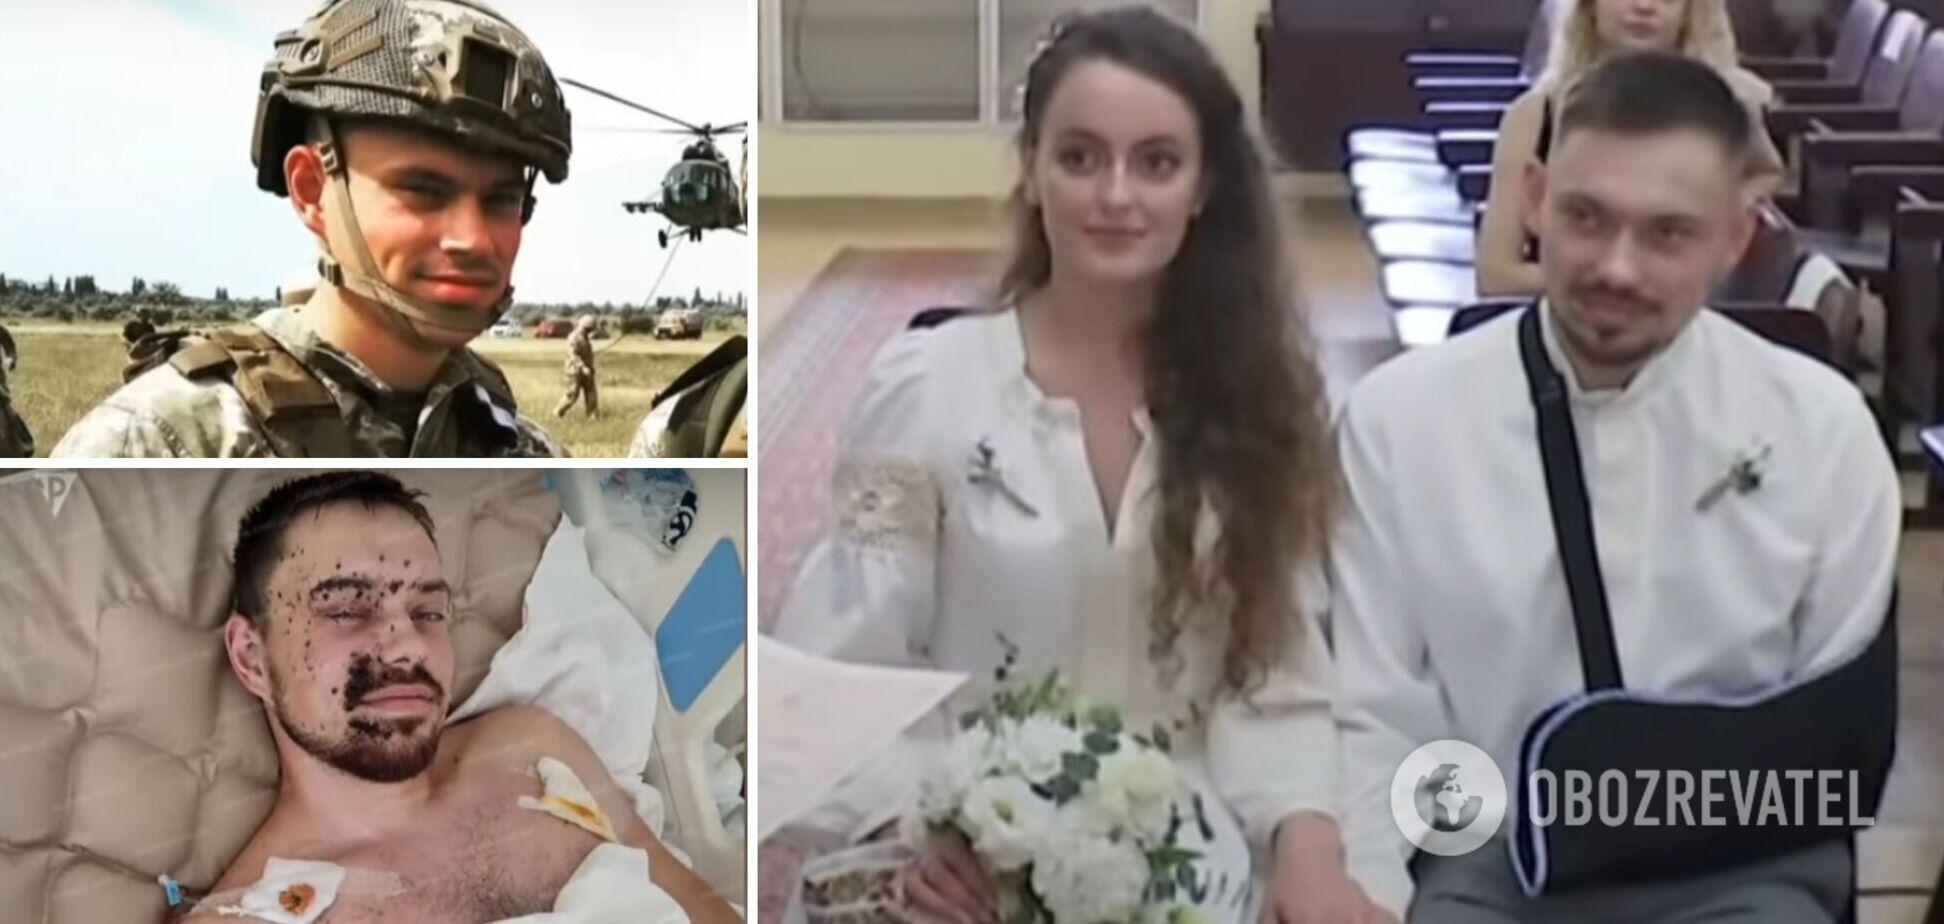 Посічений осколками розвідник одружився у військовому шпиталі з дівчиною з Донбасу. Відео весілля